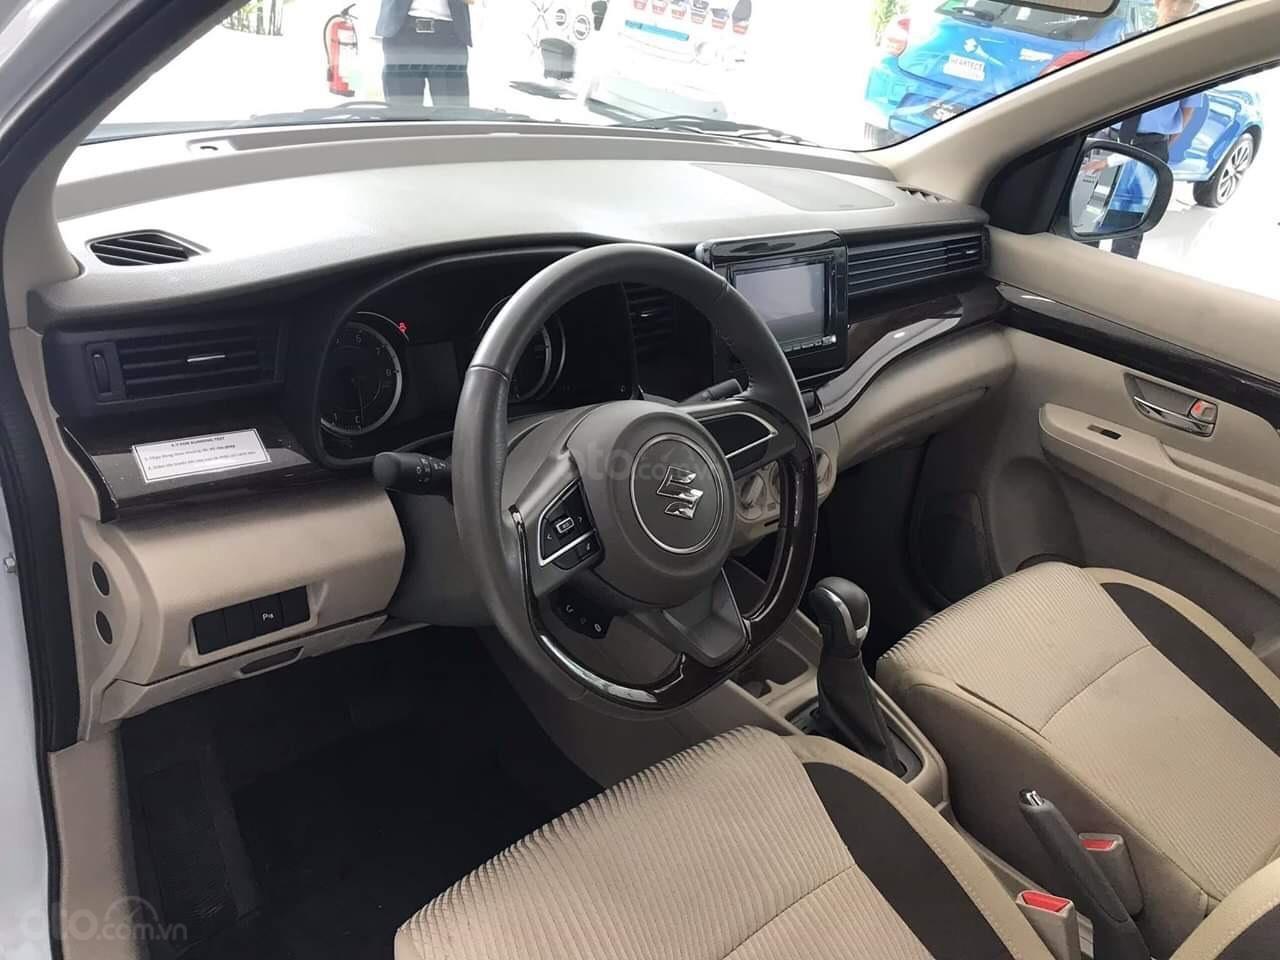 Bán xe Suzuki Ertiga nhập khẩu giao ngay màu đen, trắng, bạc và nâu liên hệ 0933460777 (4)